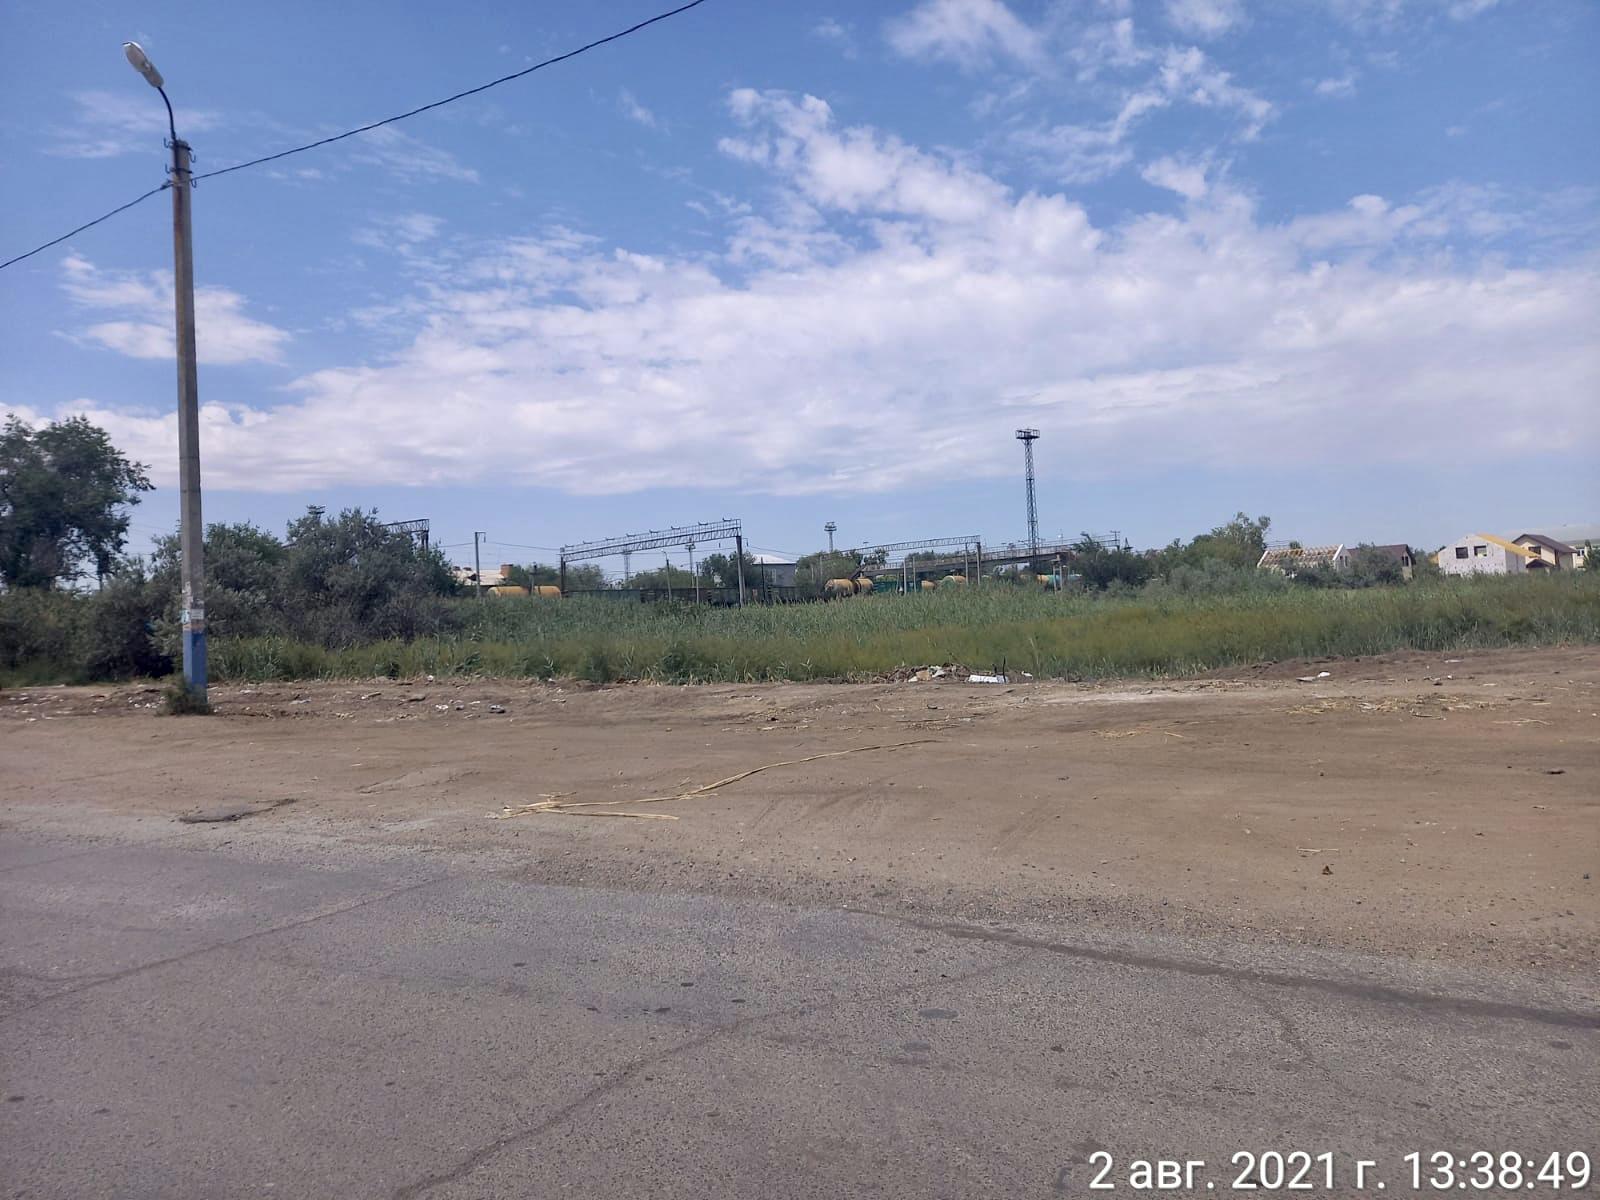 image 18 08 21 02 00 В Астрахани ликвидировали крупную незаконную свалку